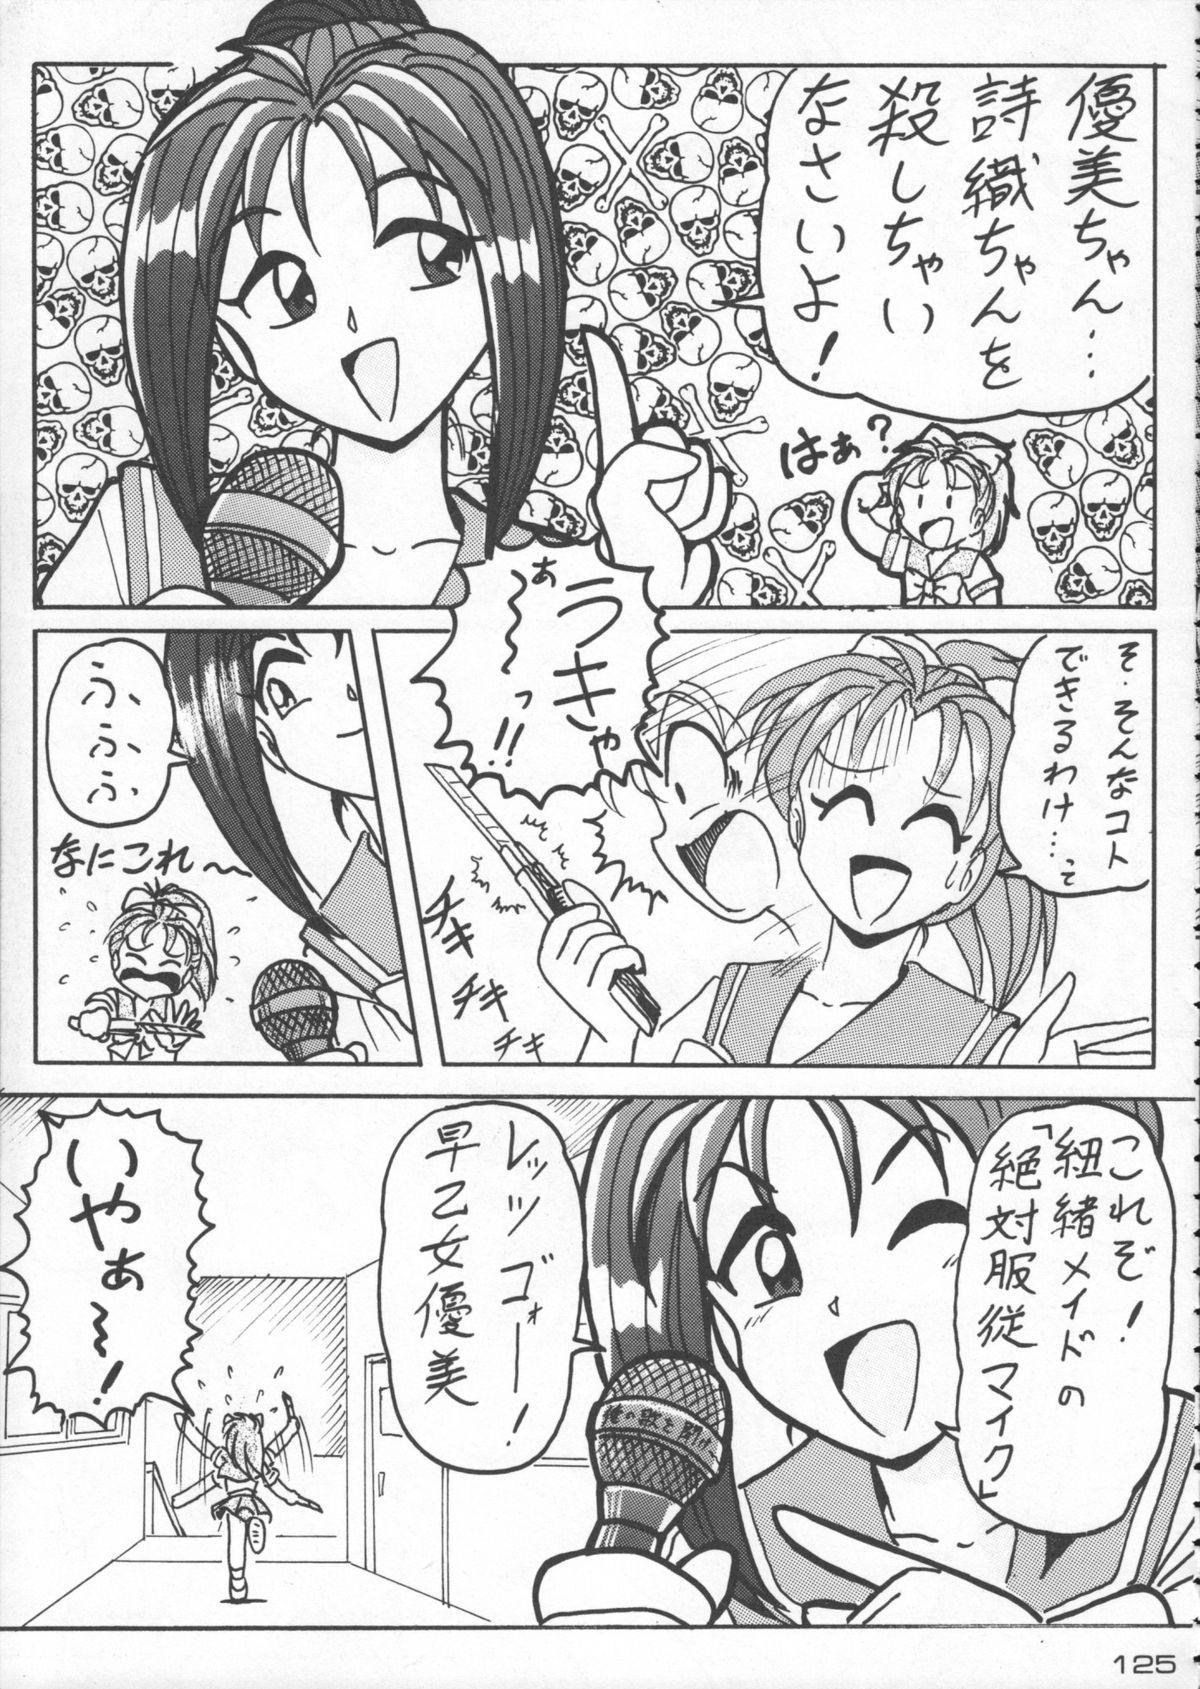 Godzilla vs Curry Aji 125